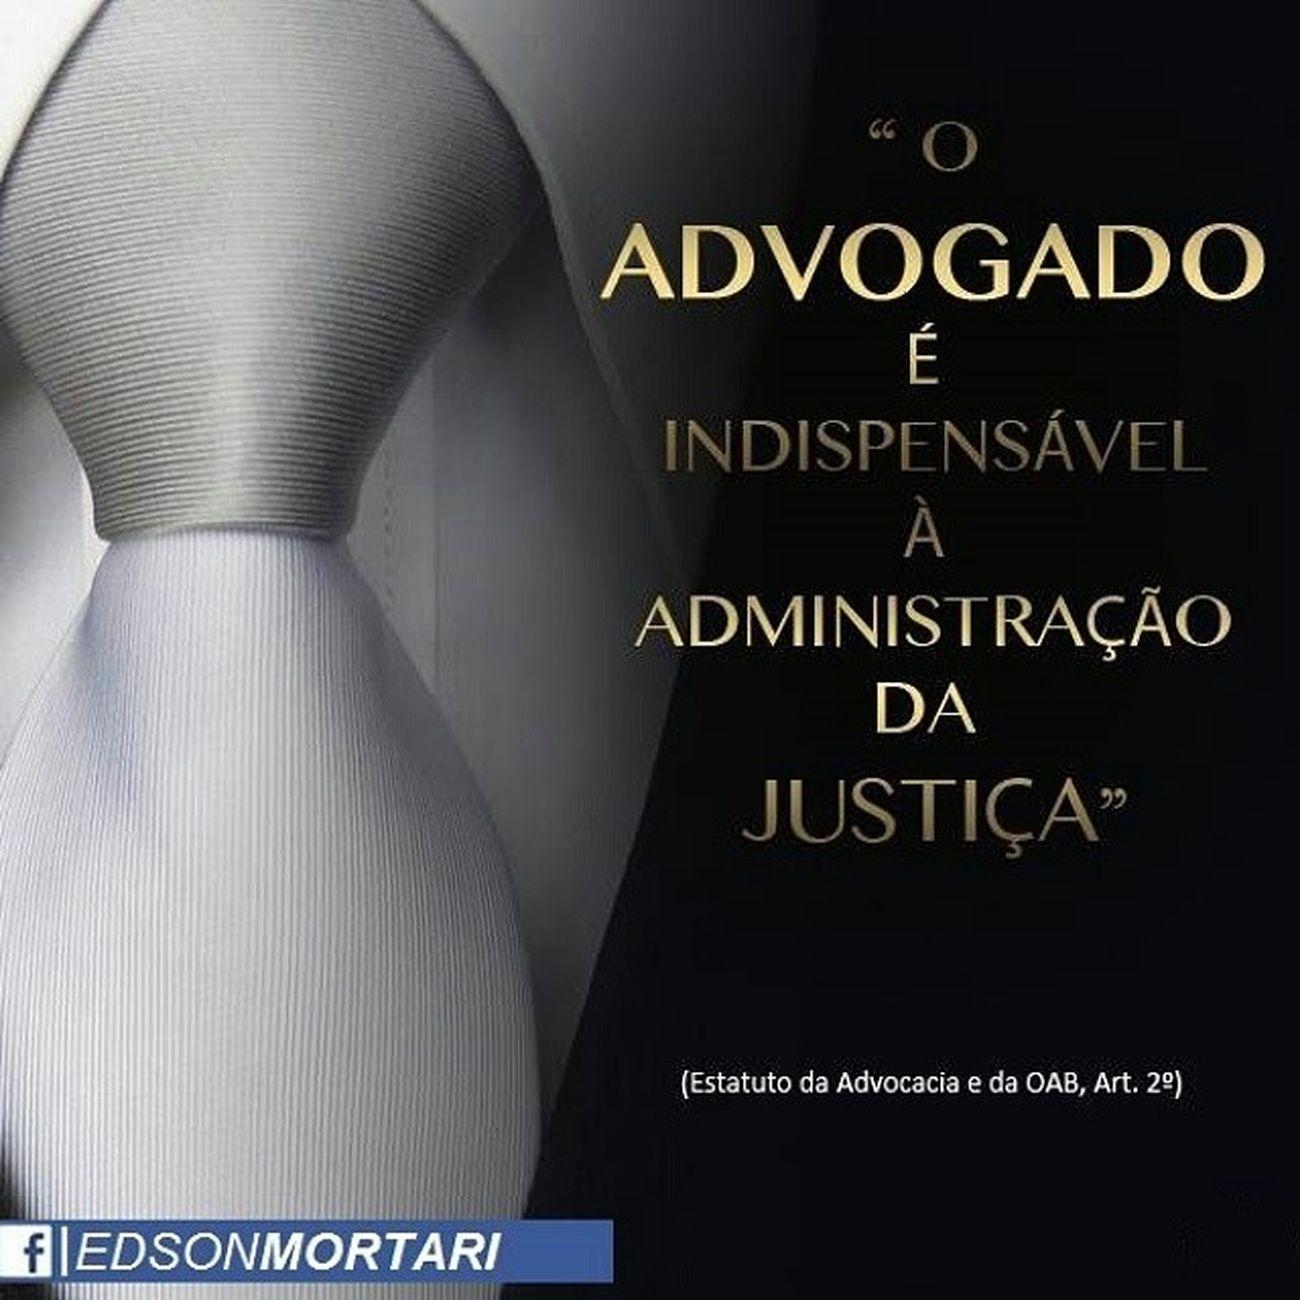 Advogado Advocacia Oab Oabgo direito justica indispensavel consultesempreumadvogado advogadovalorizadocidadaorespeitado